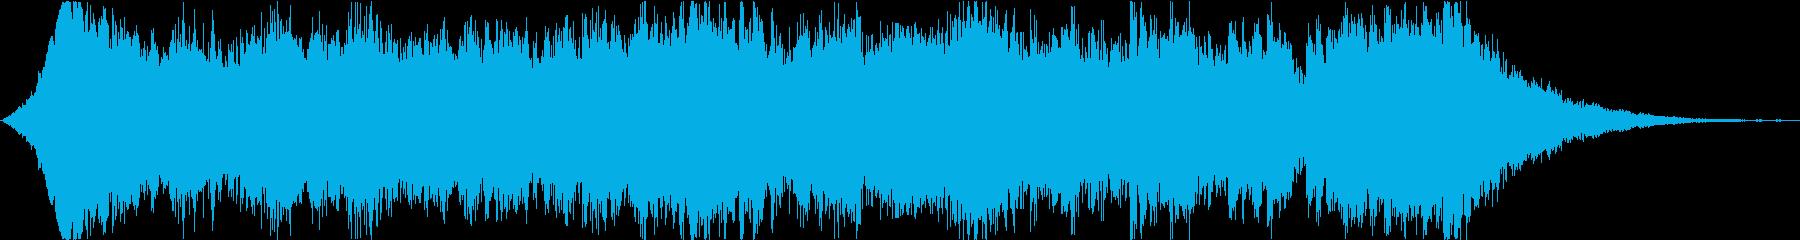 哀愁漂うオーケストラの再生済みの波形